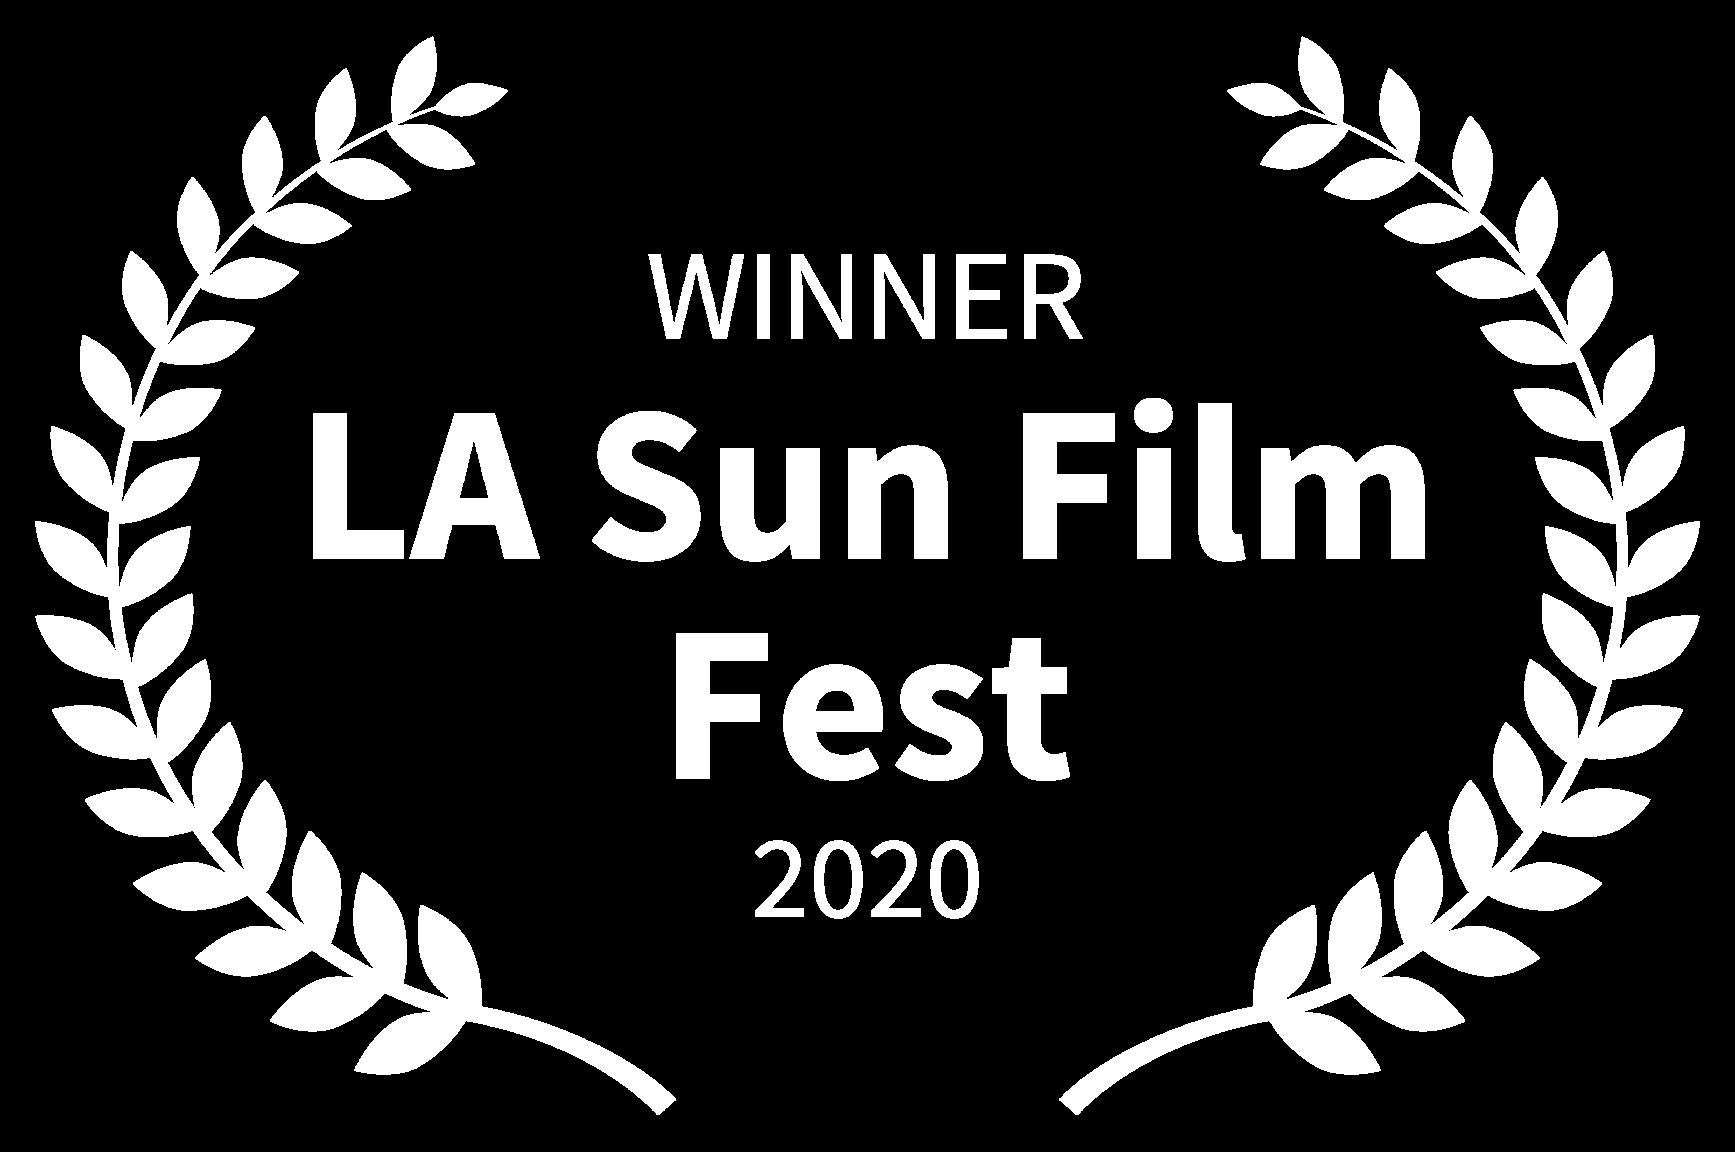 WINNER - LA Sun Film Fest - 2020